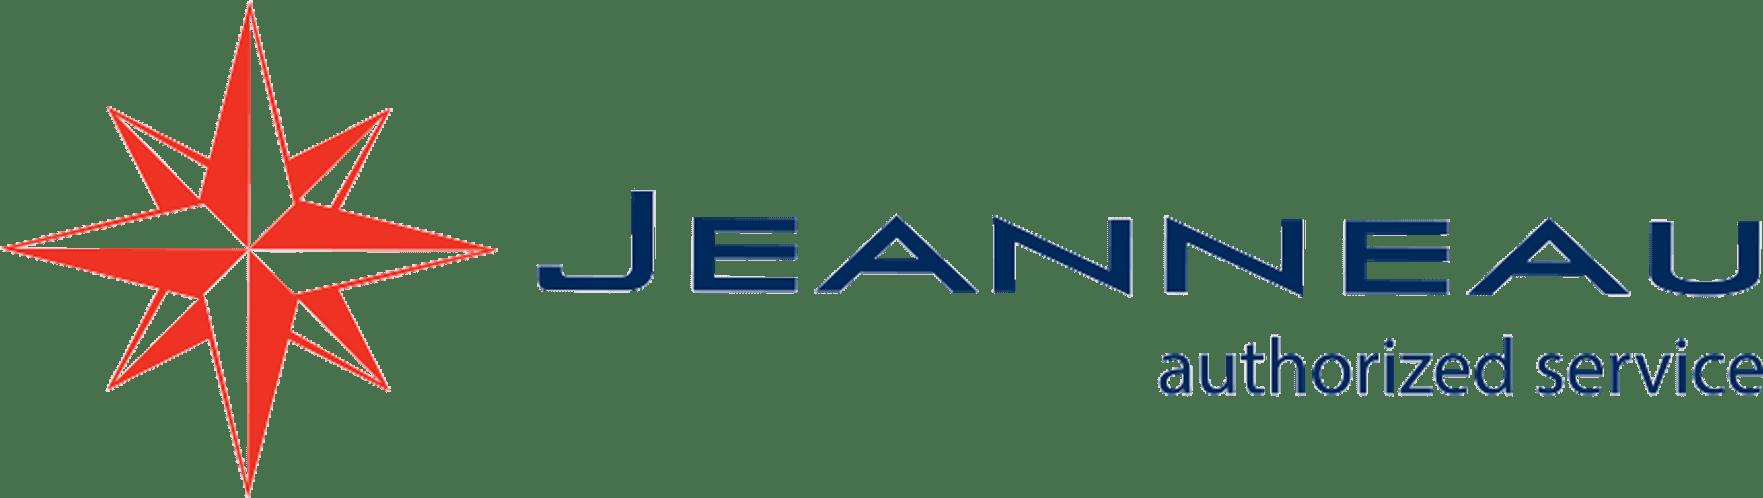 Jeanneau_official